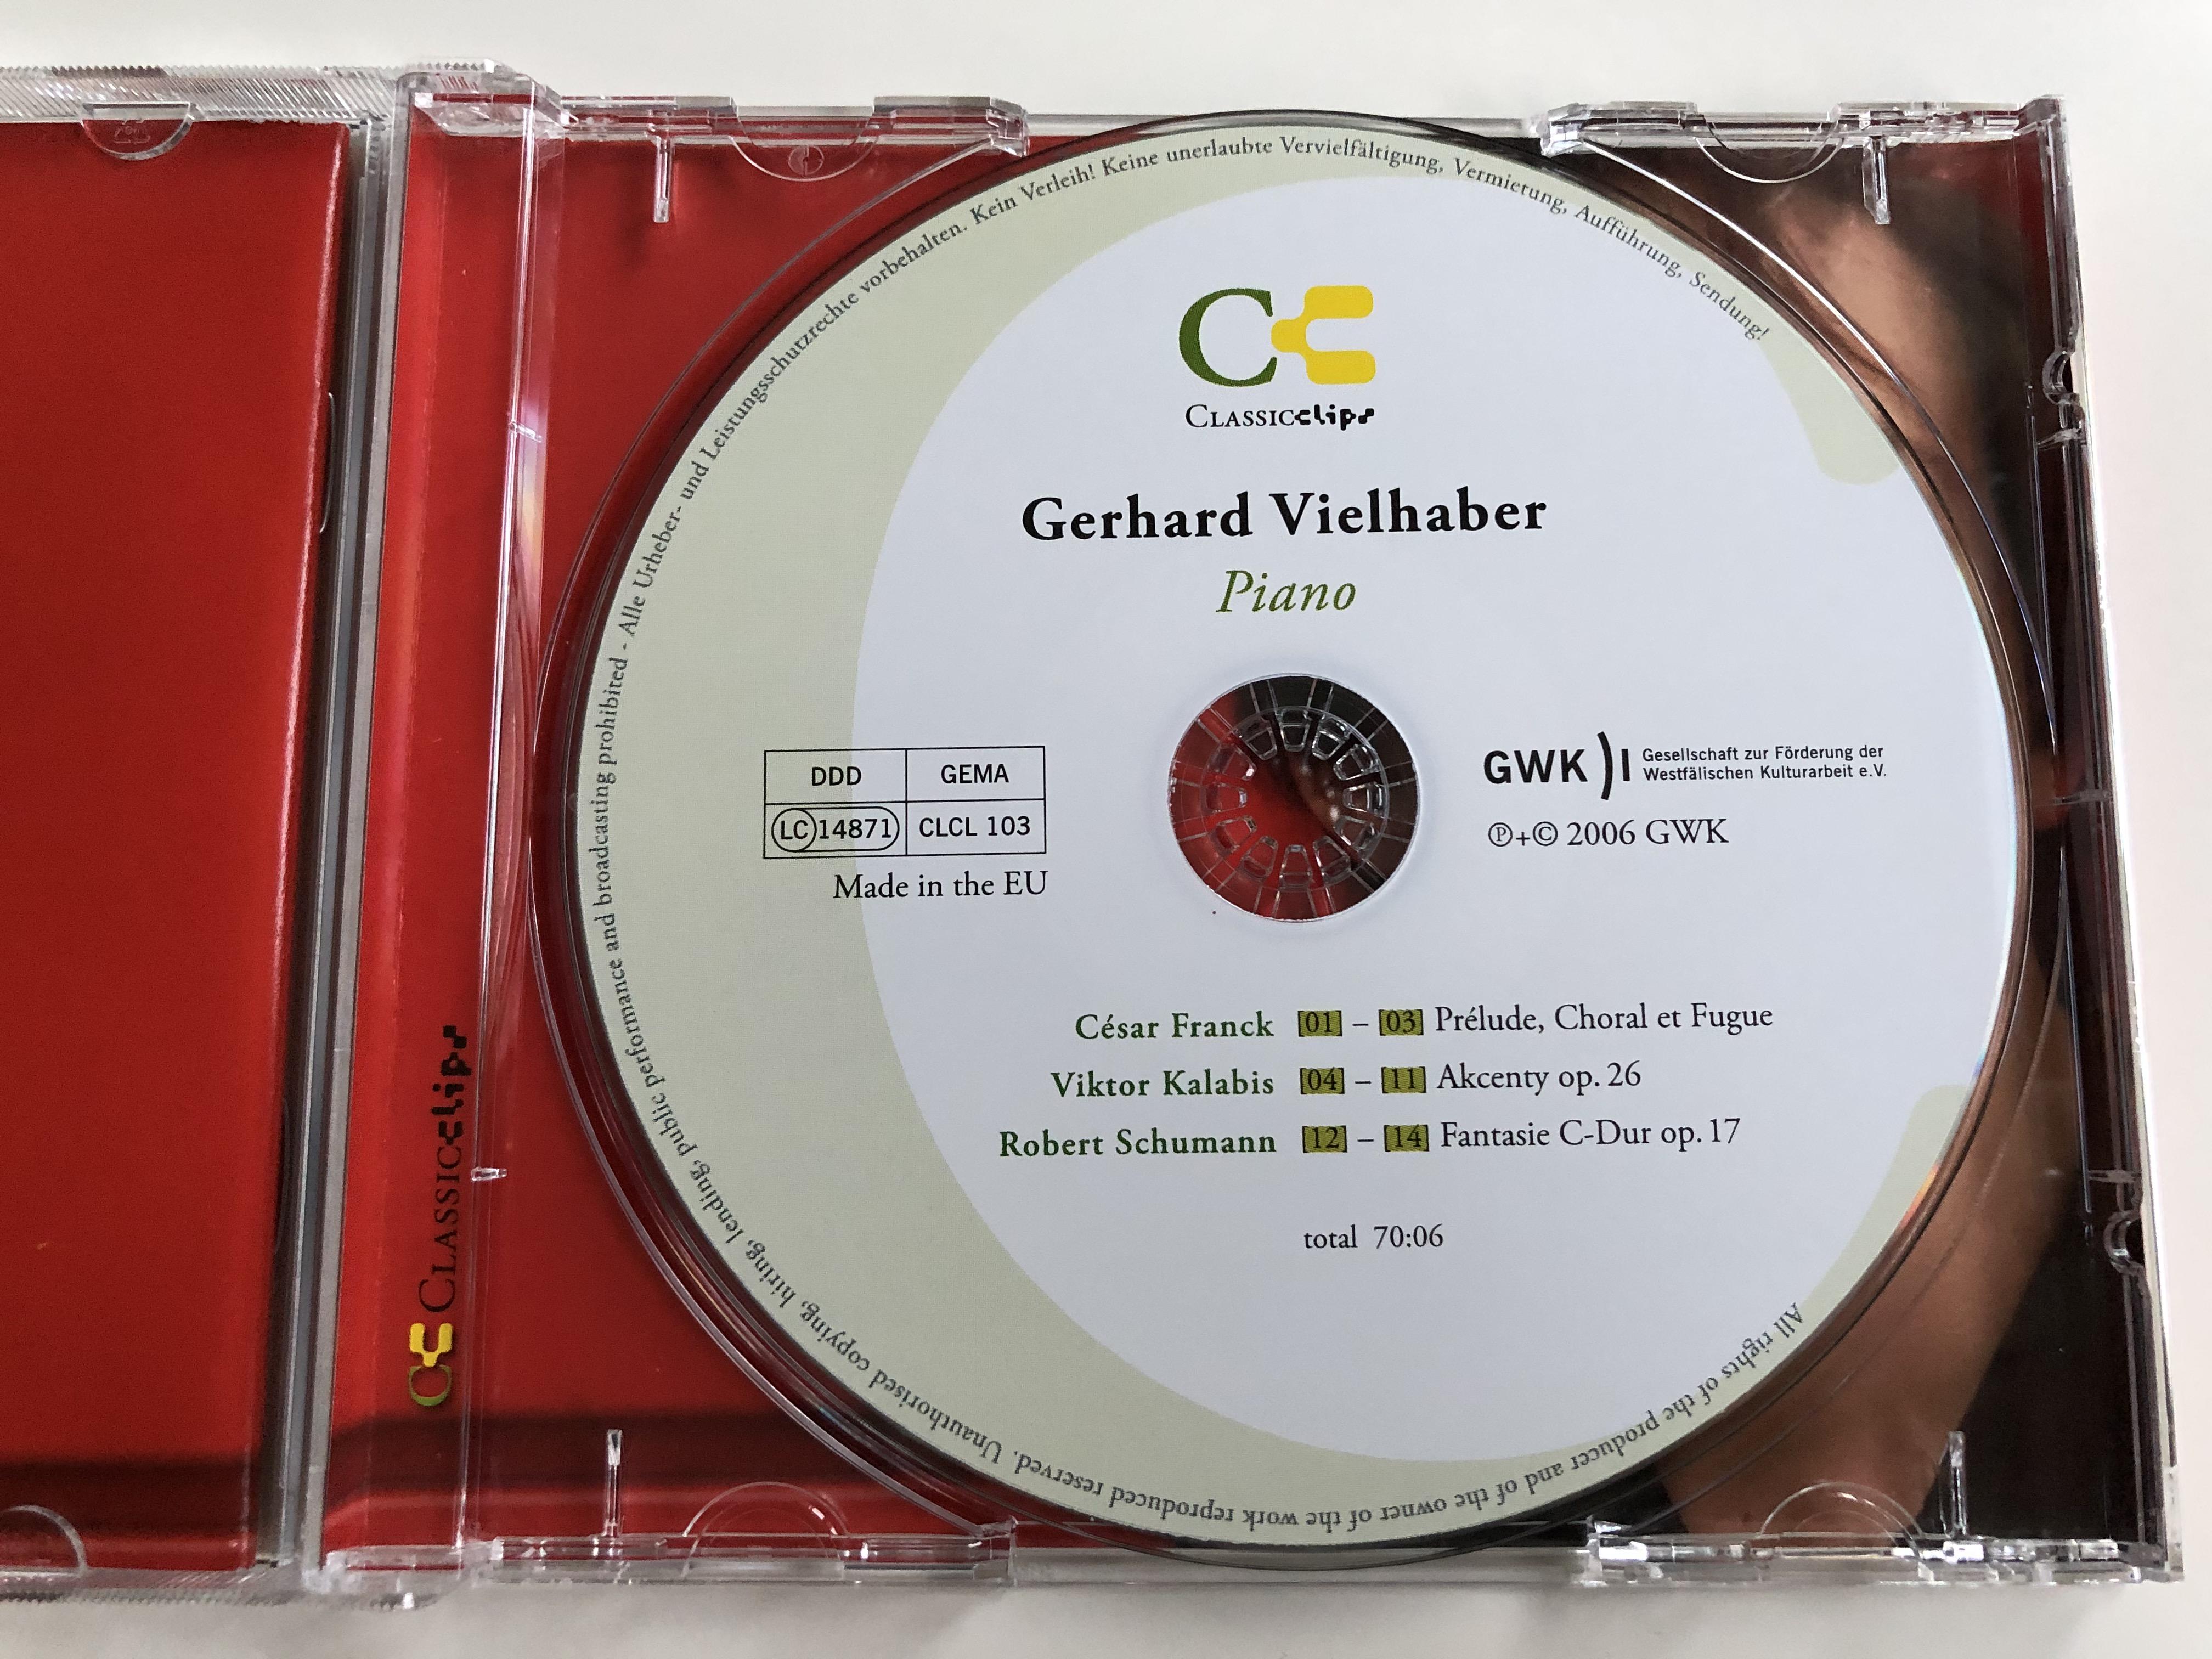 franck-kalabis-schumann-gerhard-vielhaber-piano-classicclips-audio-cd-2006-clcl-103-11-.jpg